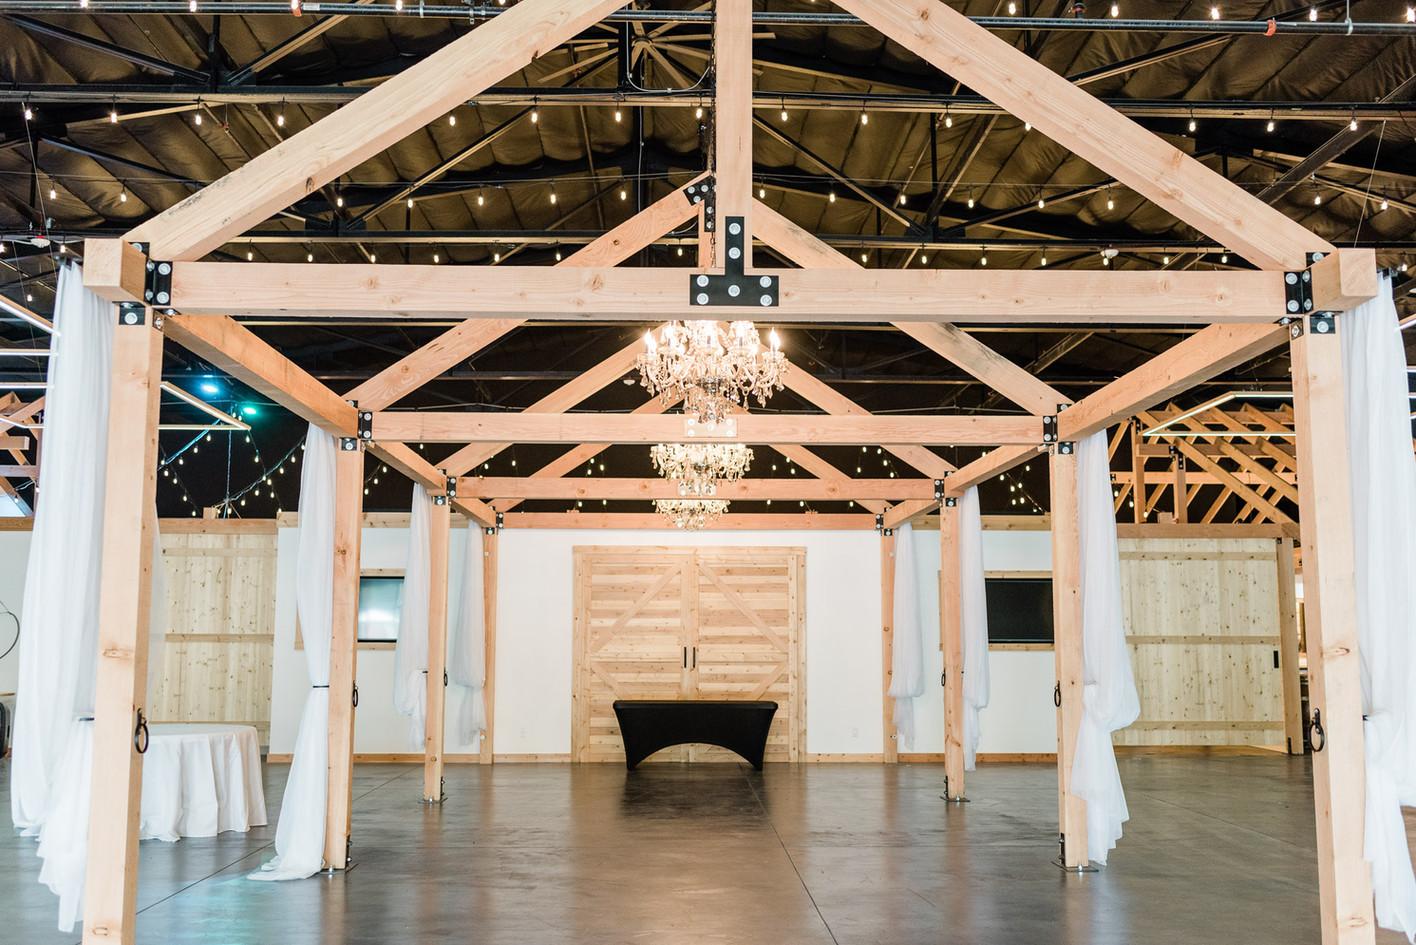 Dance Floor Structure